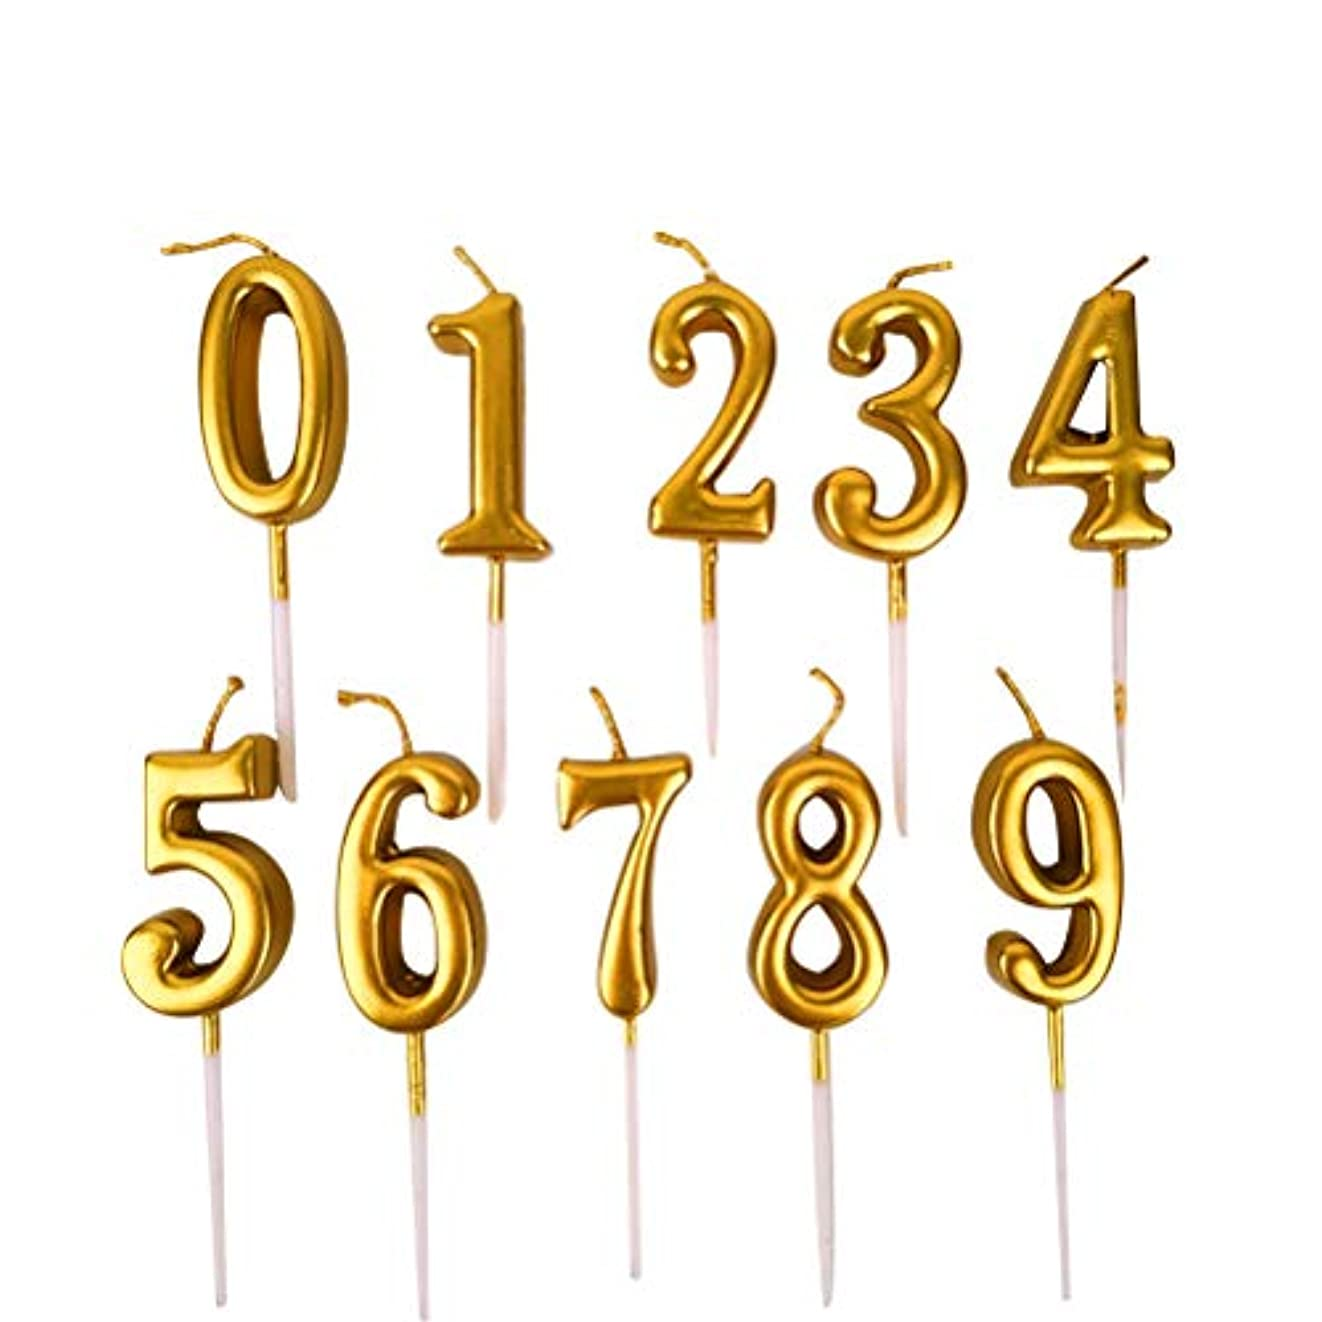 純正プール連合NUOBESTY 誕生日数字キャンドル、10ピース番号0-9グリッターケーキトッパー装飾用誕生日パーティーの好意